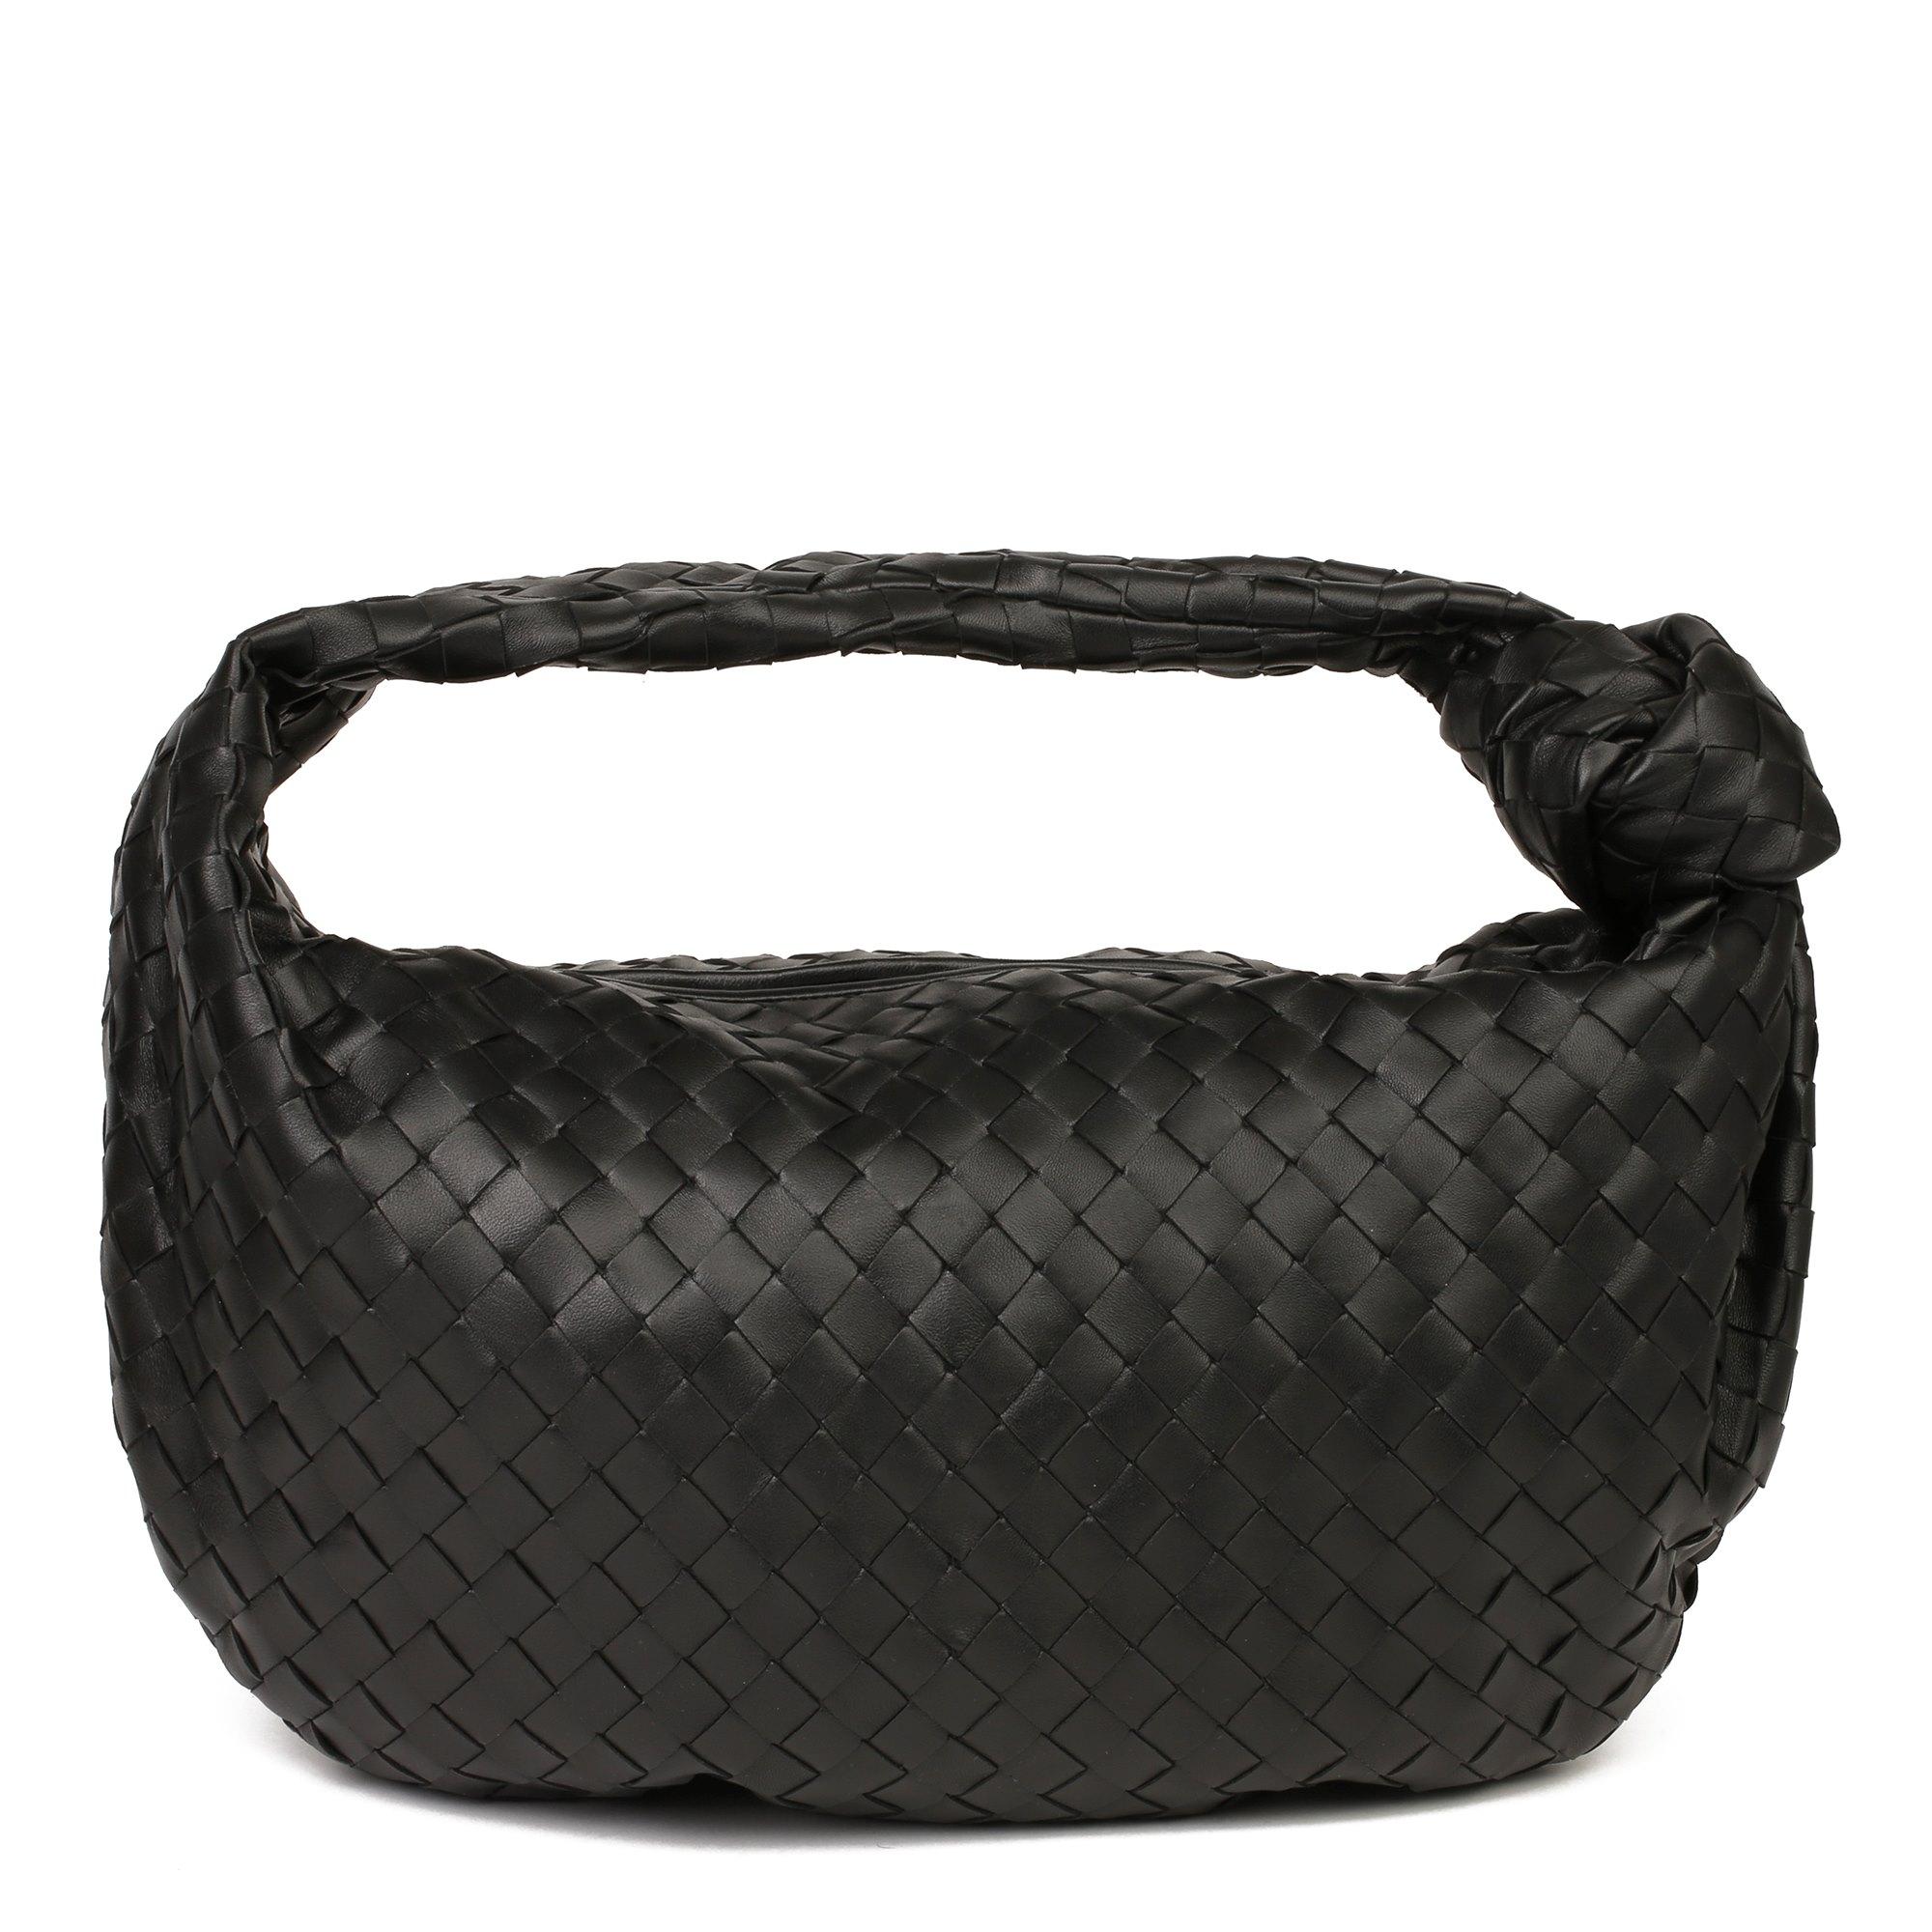 Bottega Veneta Black Intrecciato Woven Calfskin Leather The Small Jodie